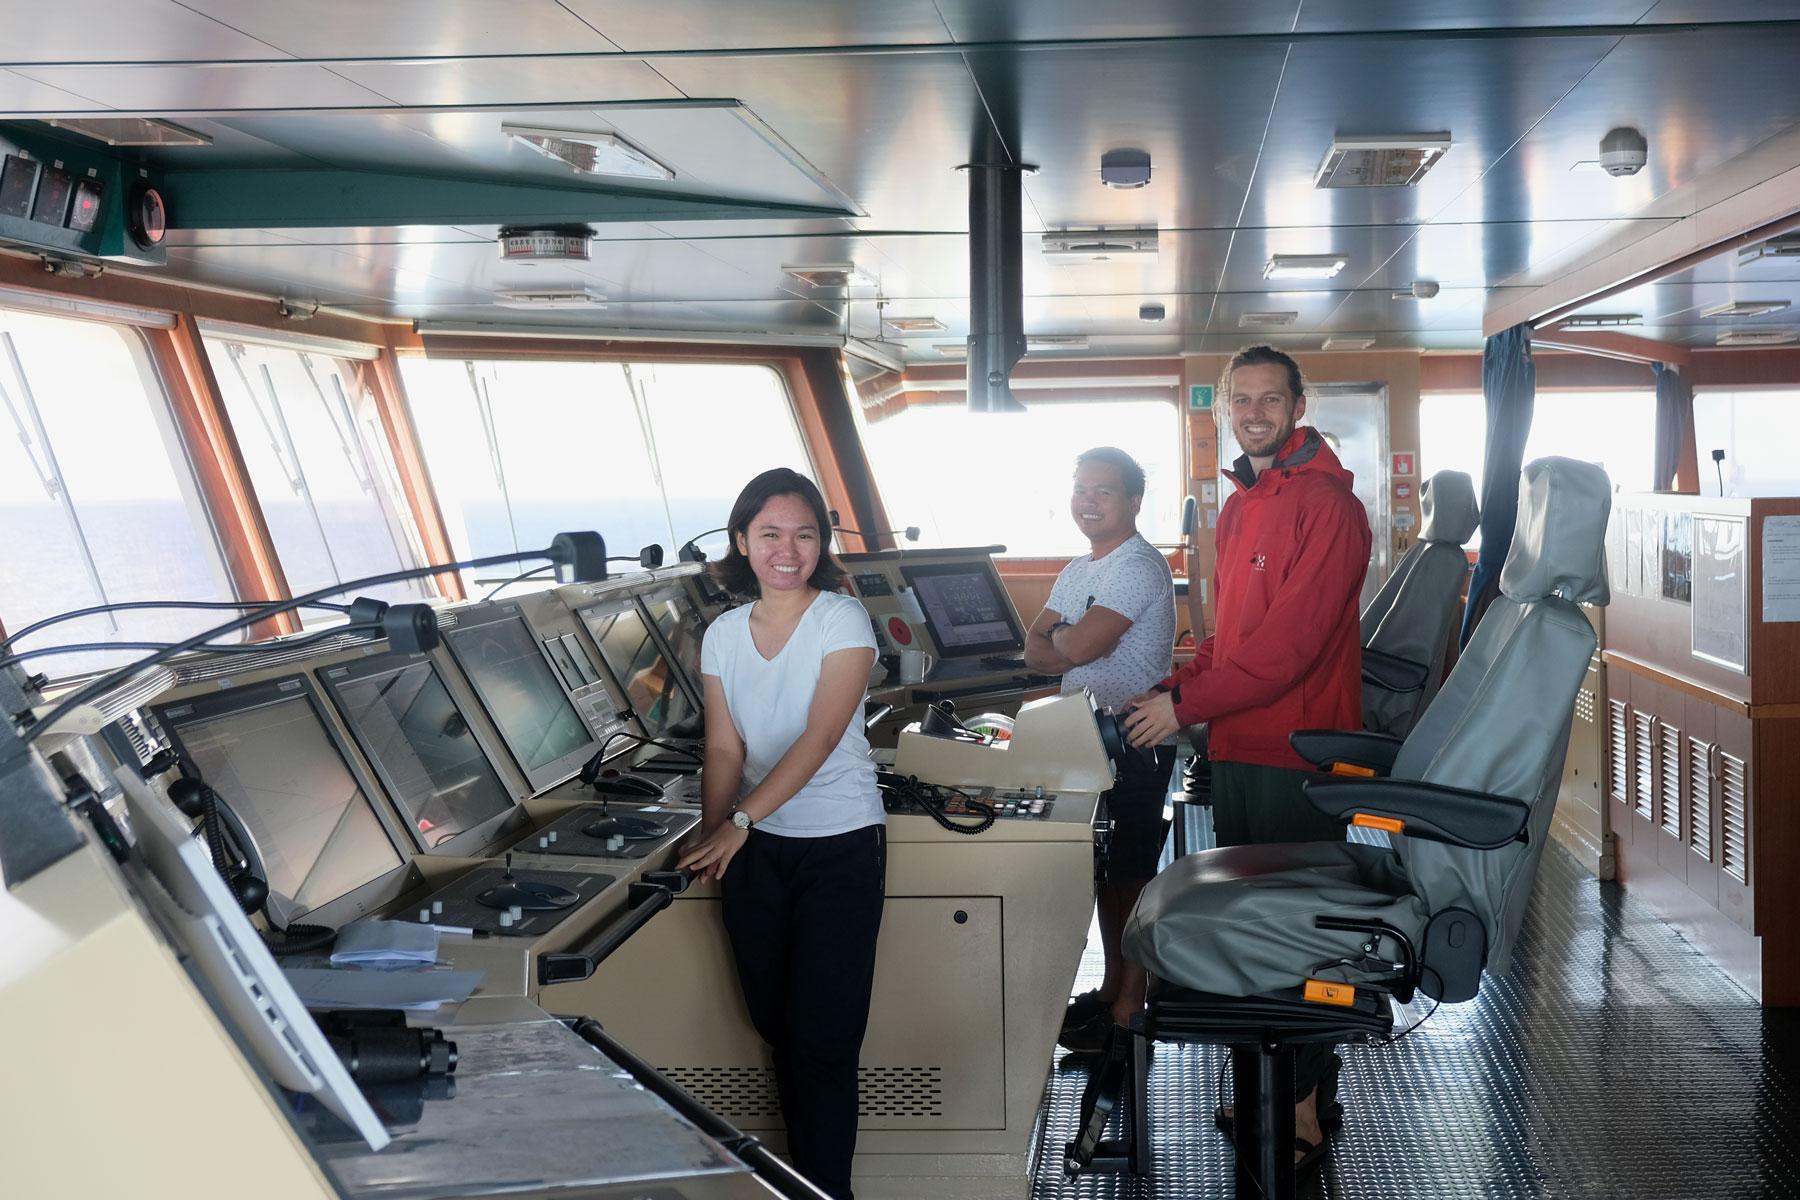 Sebastian mit zwei Offizieren auf der Brücke eines Frachtschiffes.